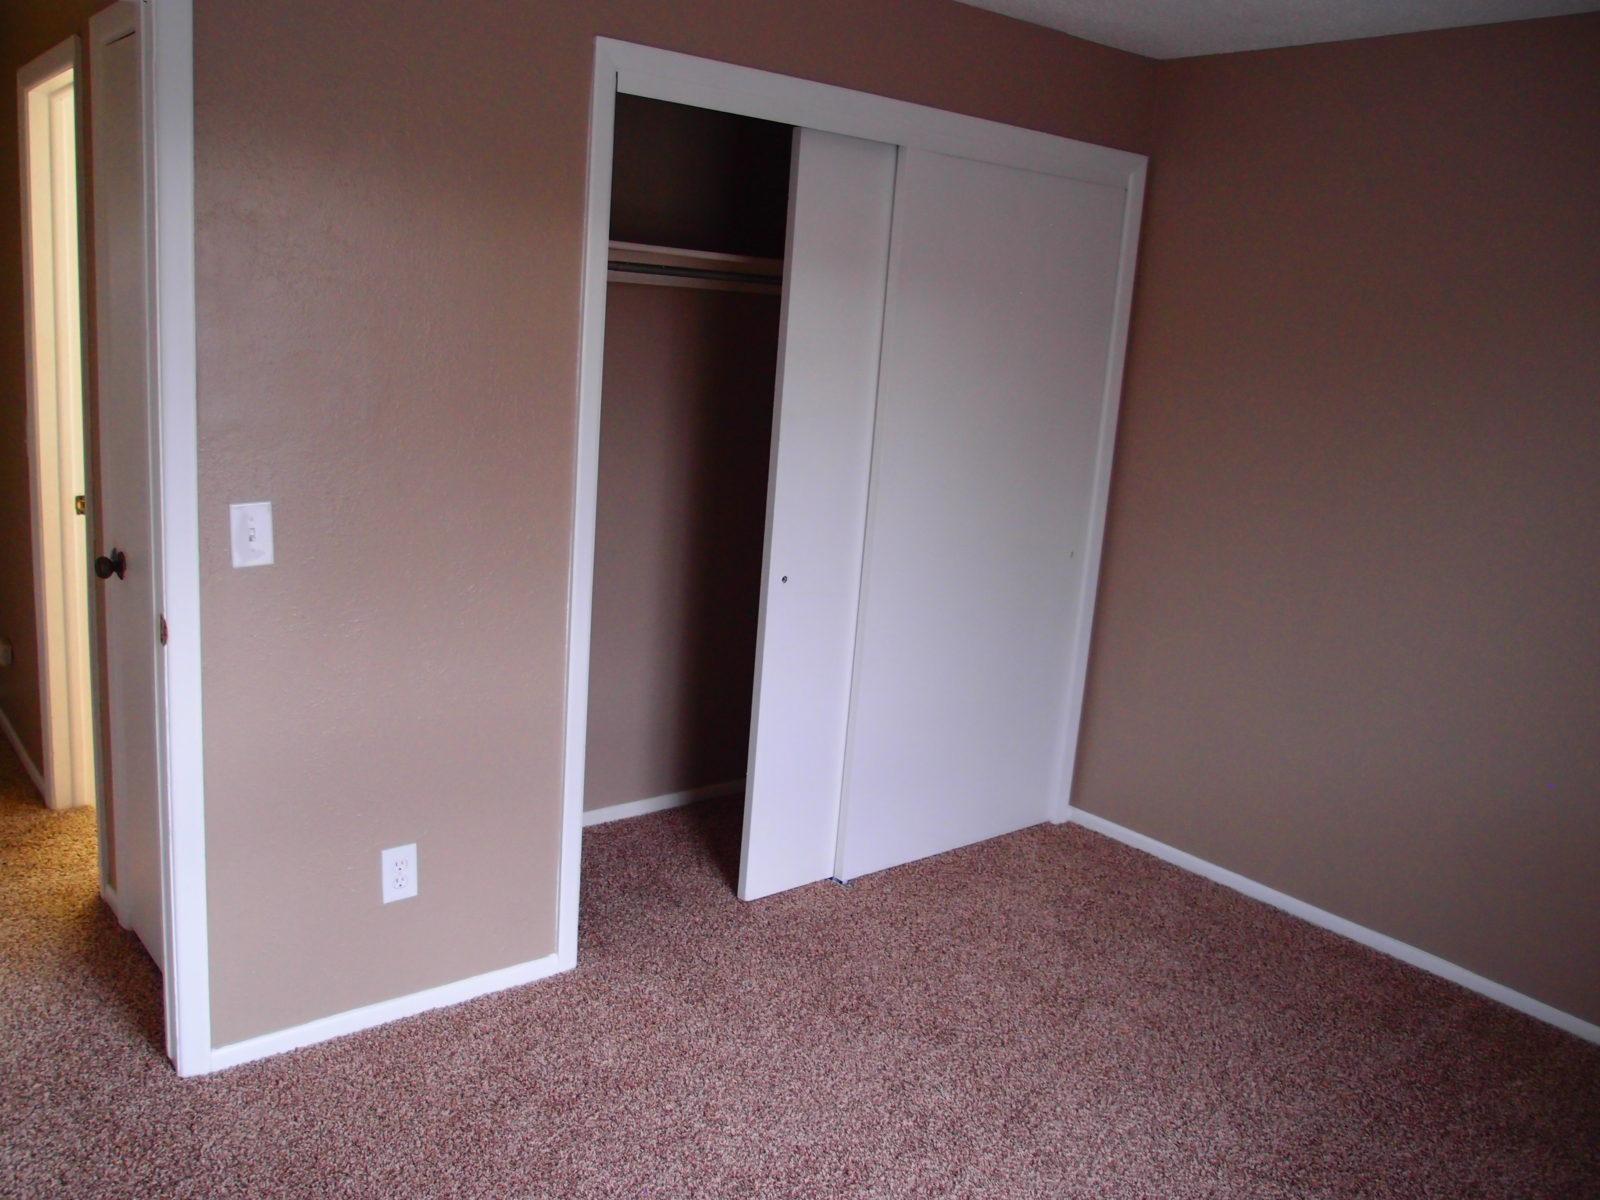 231 bed 3 closet